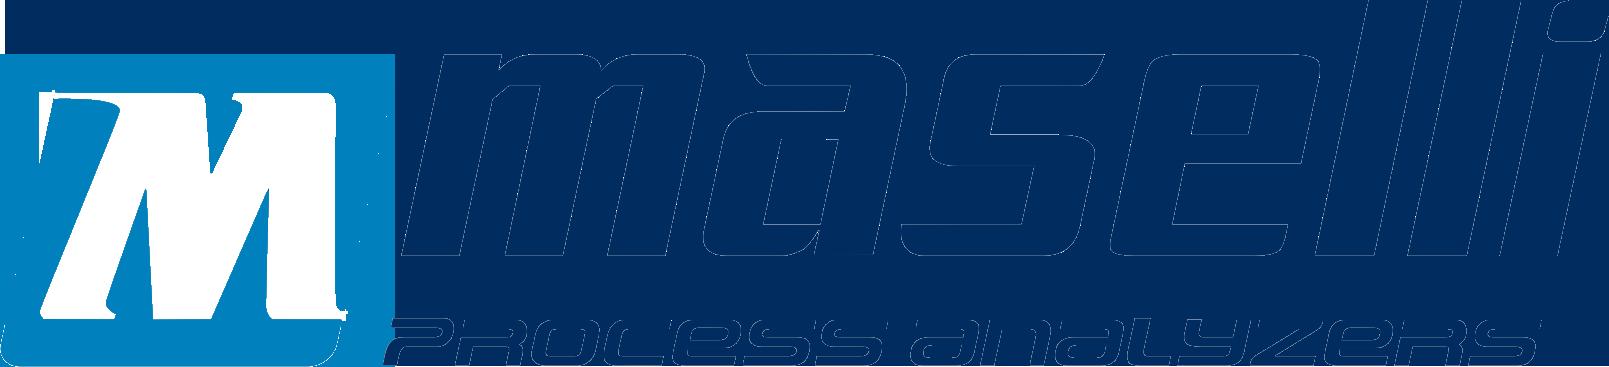 logo-istituzionale-Maselli